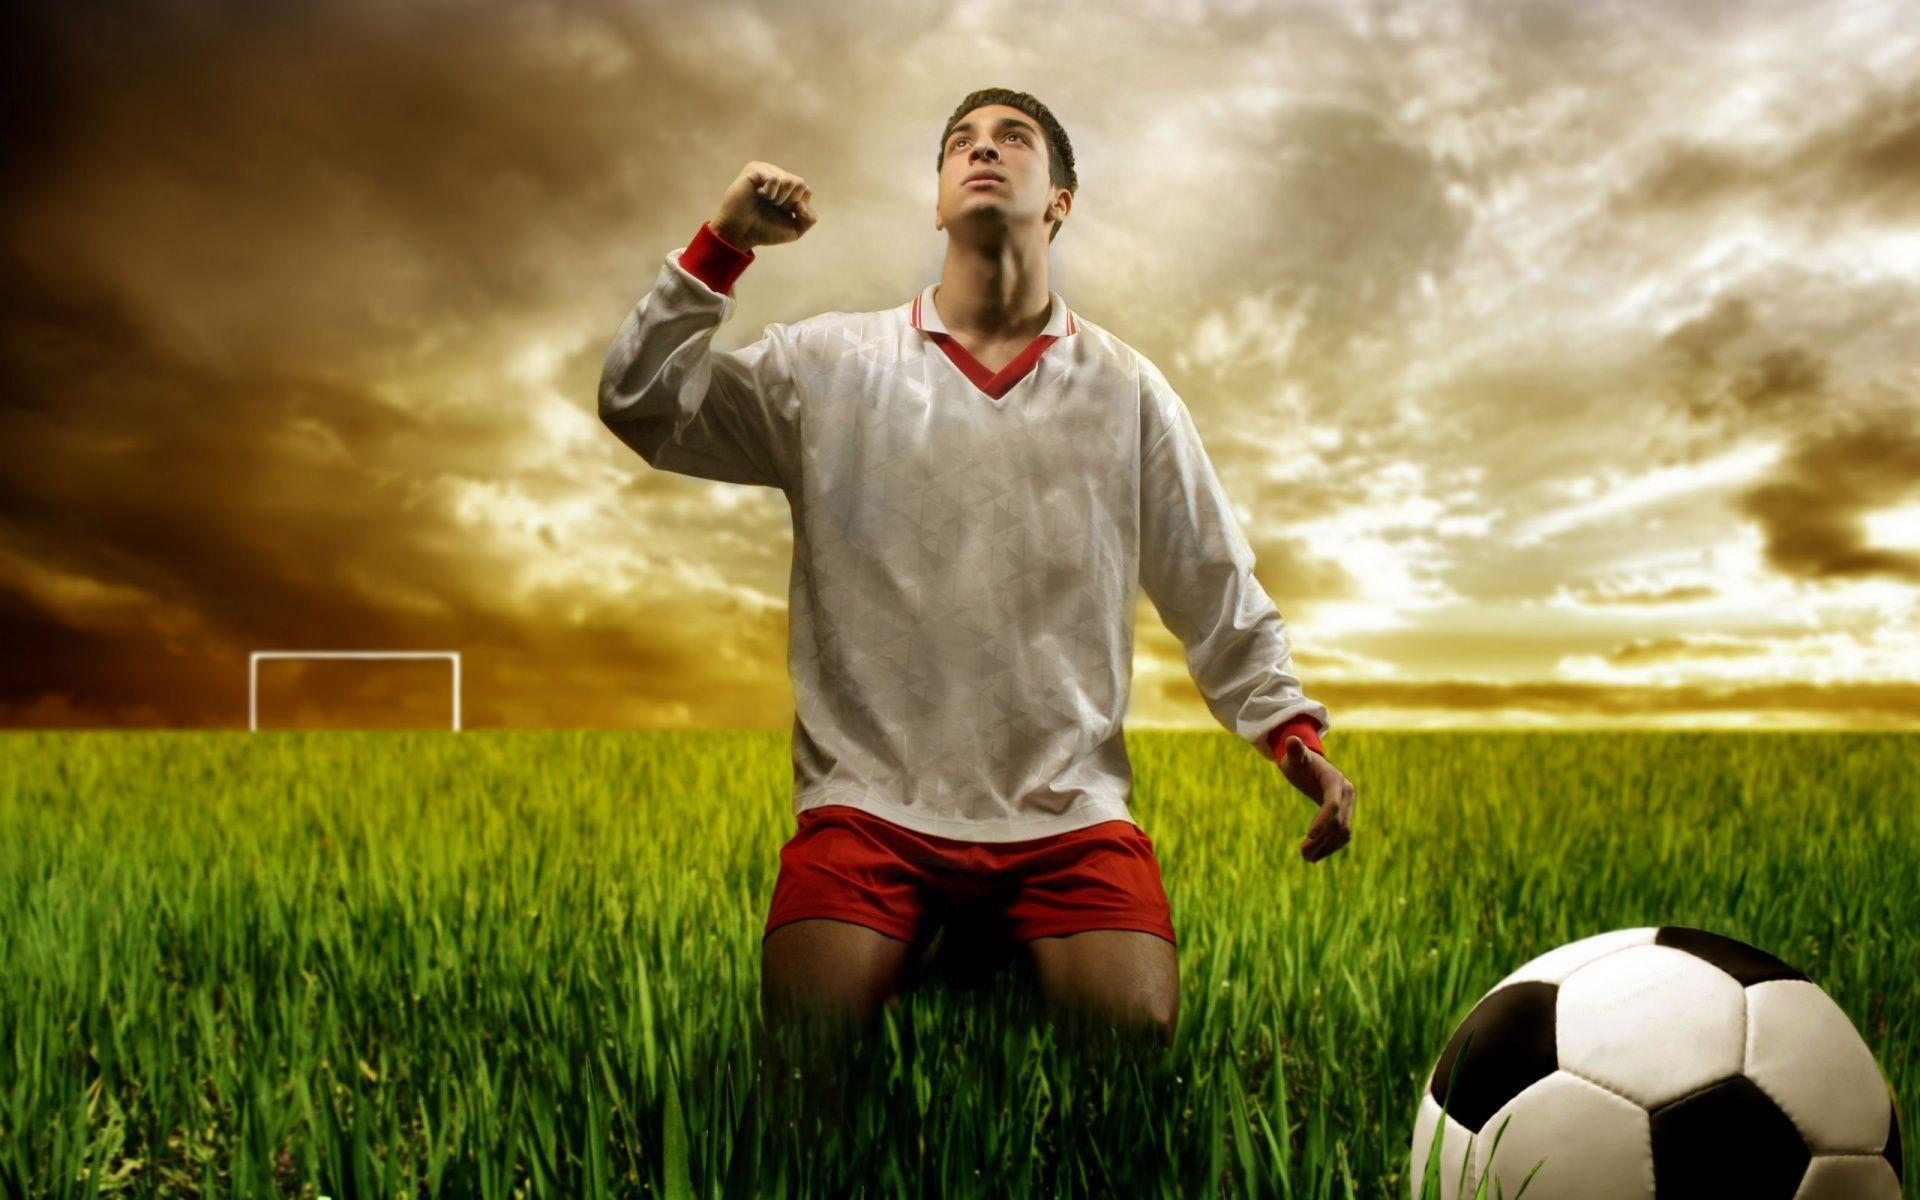 Football Hd Desktop Wallpaper High Definition Fullscreen Mobile 1920x1200